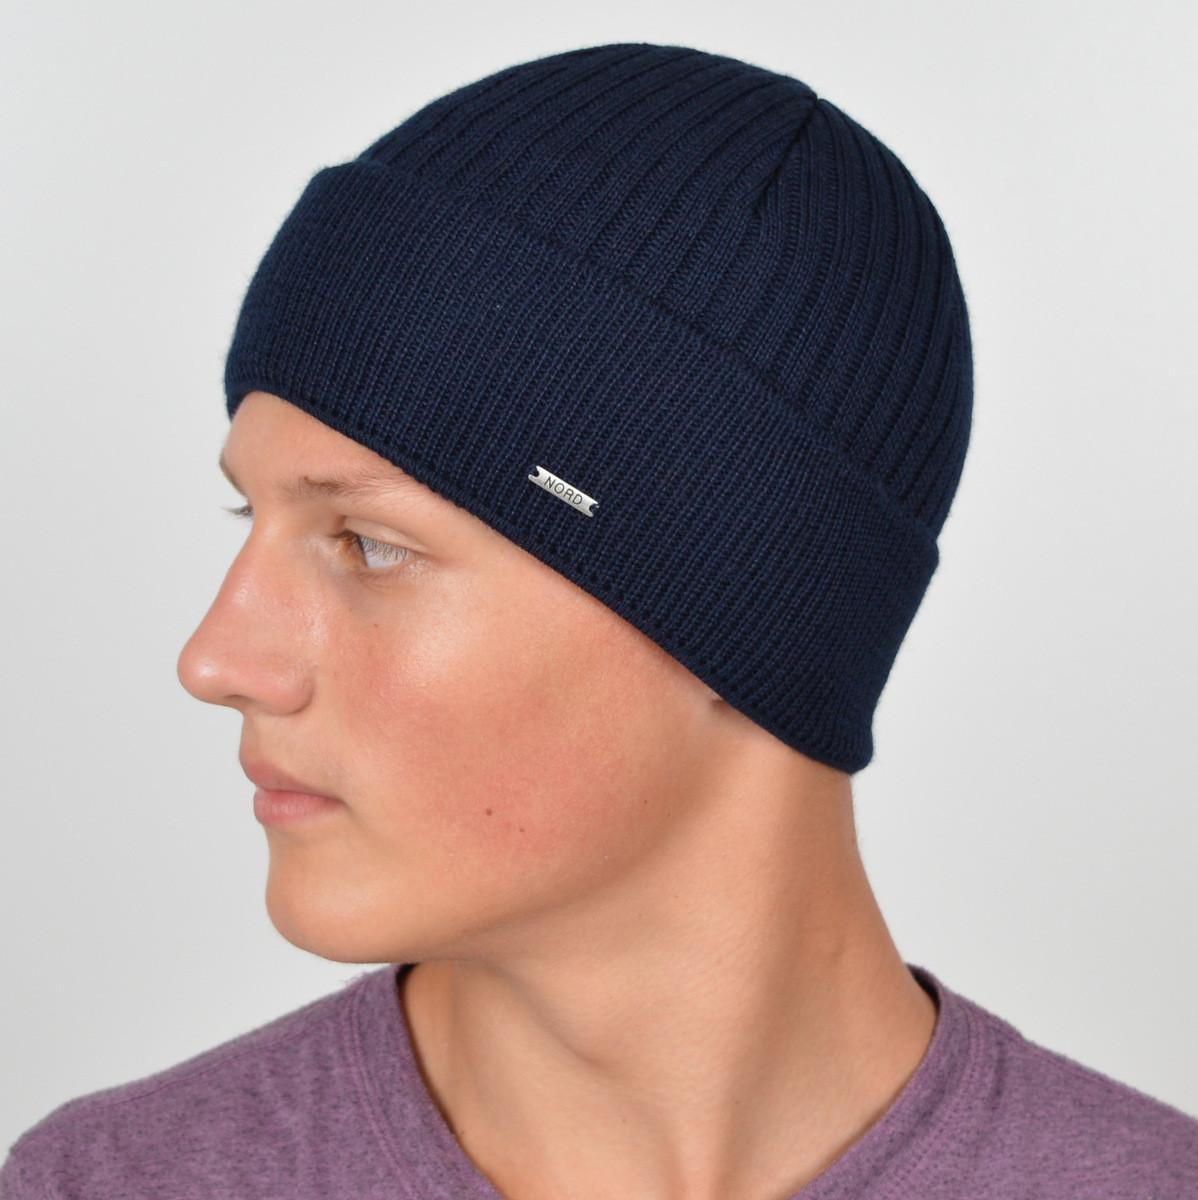 Мужская вязанная шапка NORD с отворотом синий